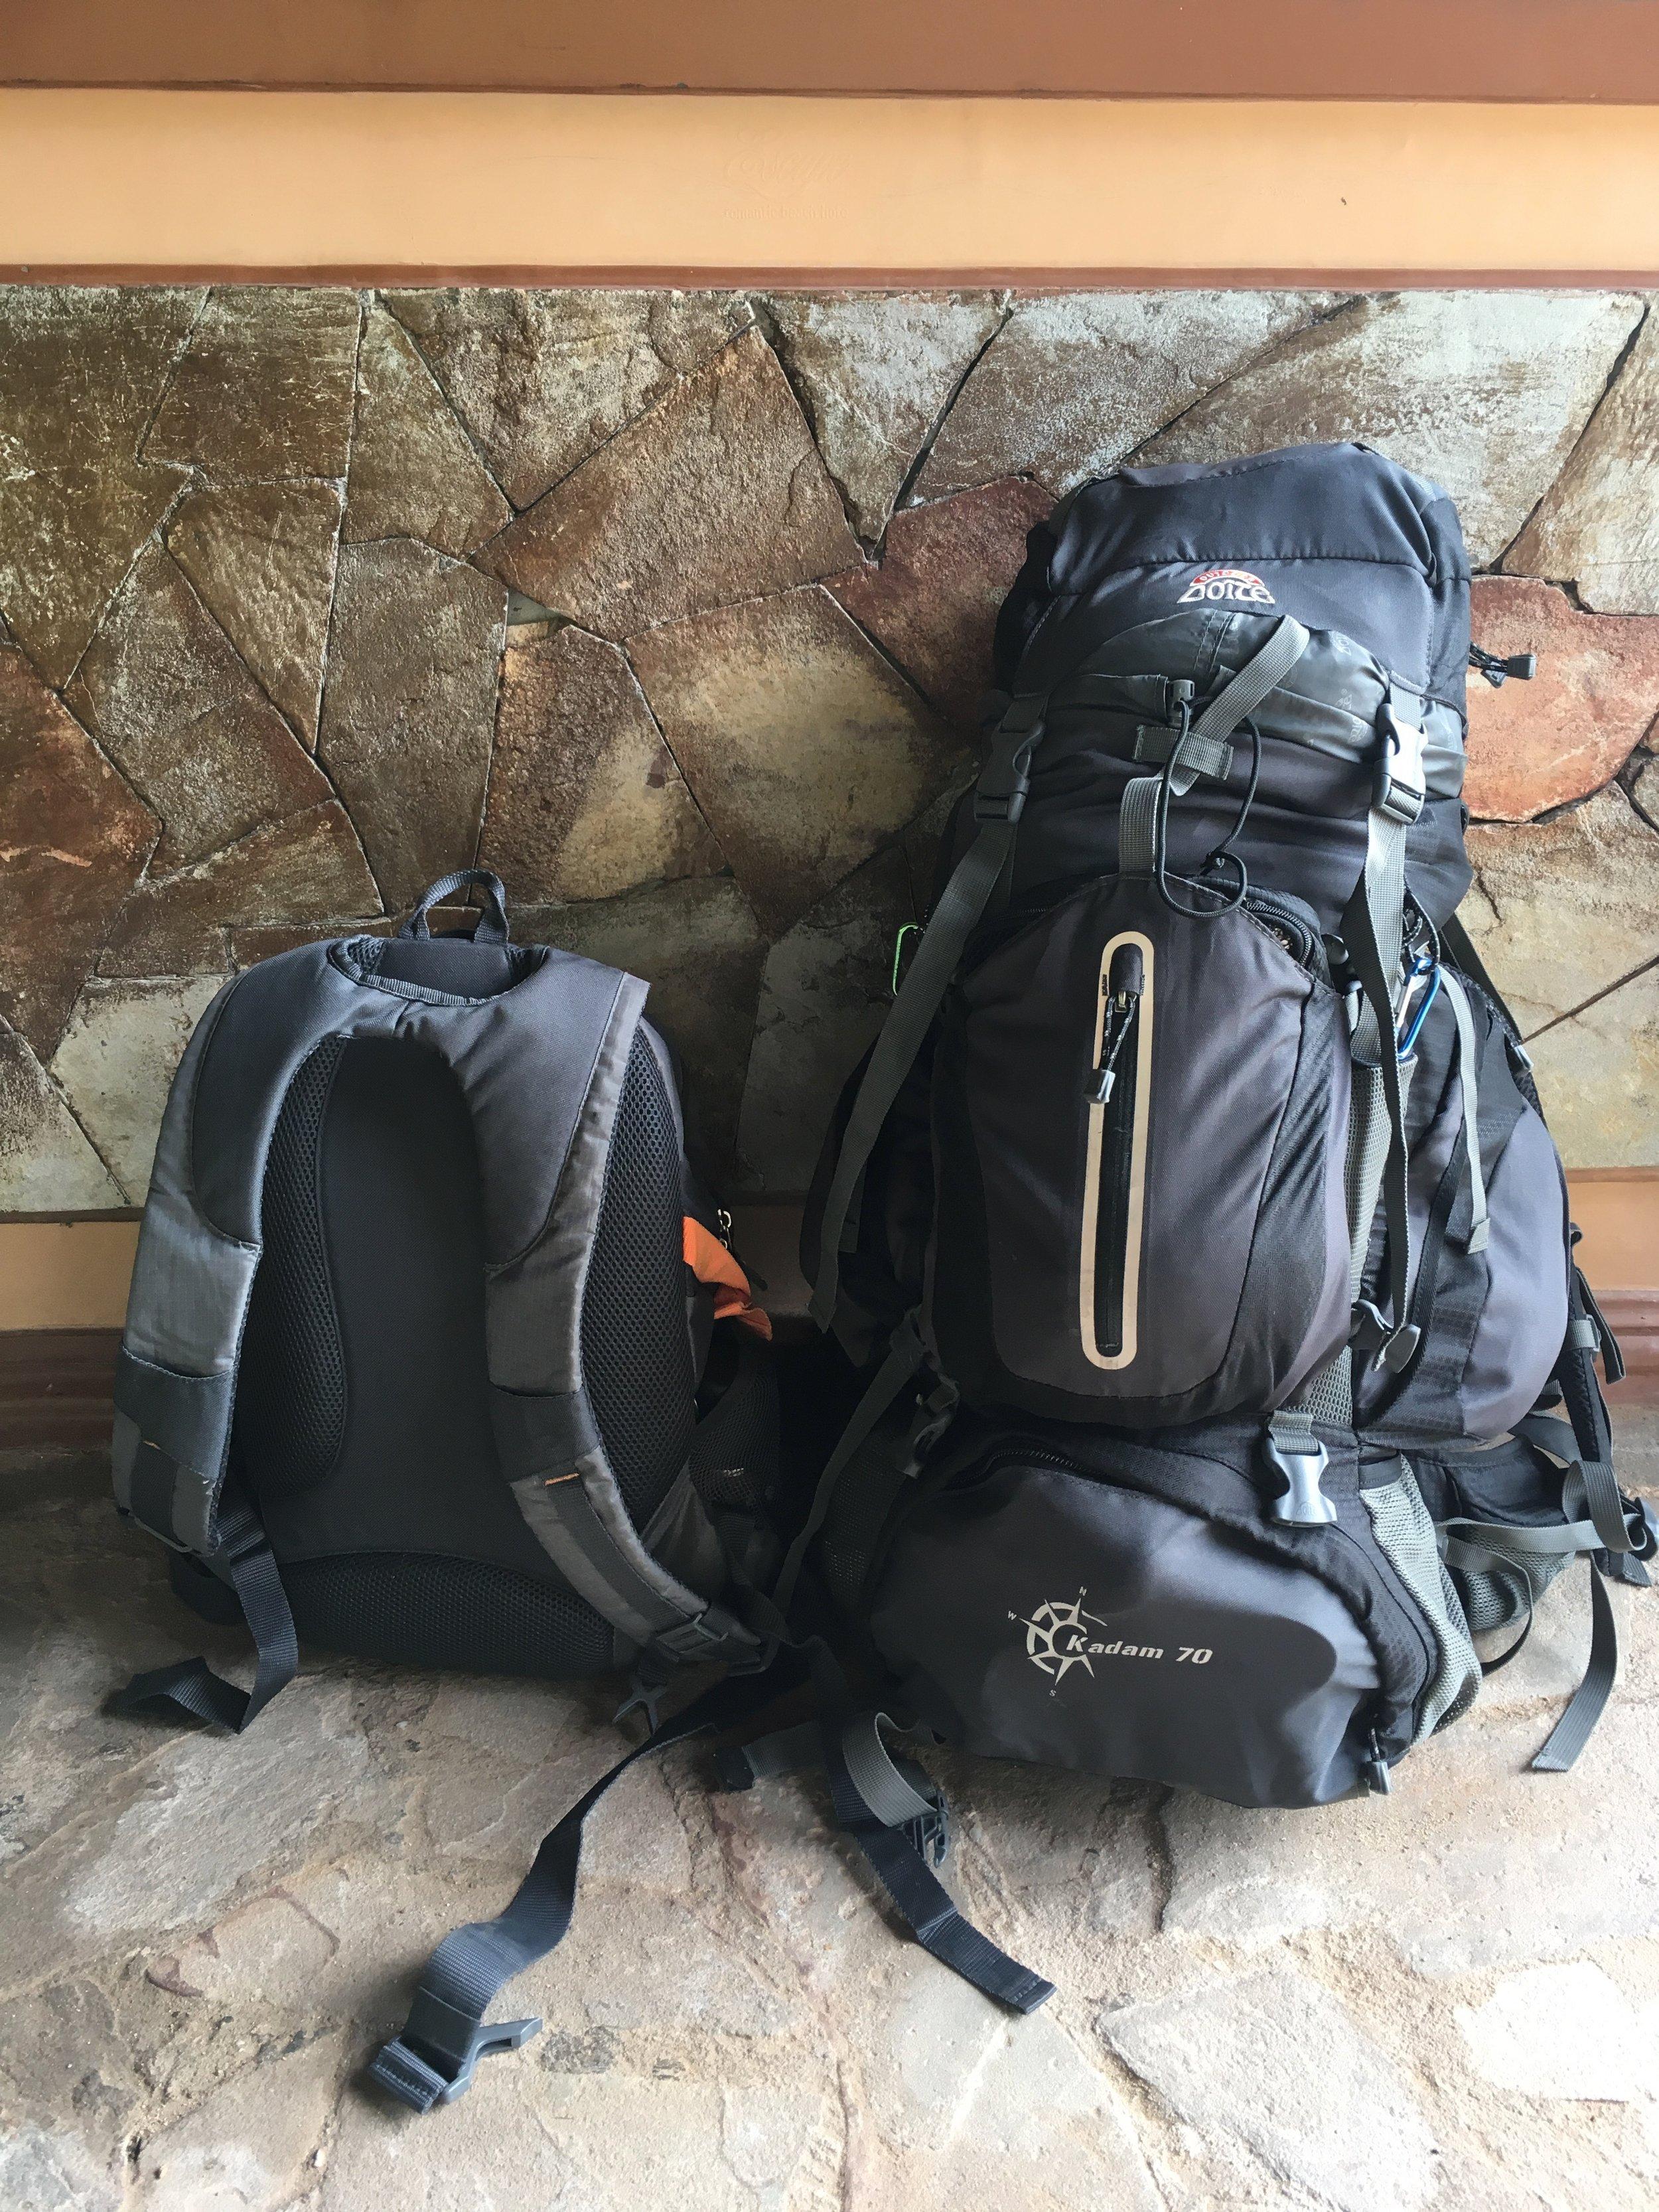 Nuestras mochilas para los cuatro, recorriendo Indonesia.